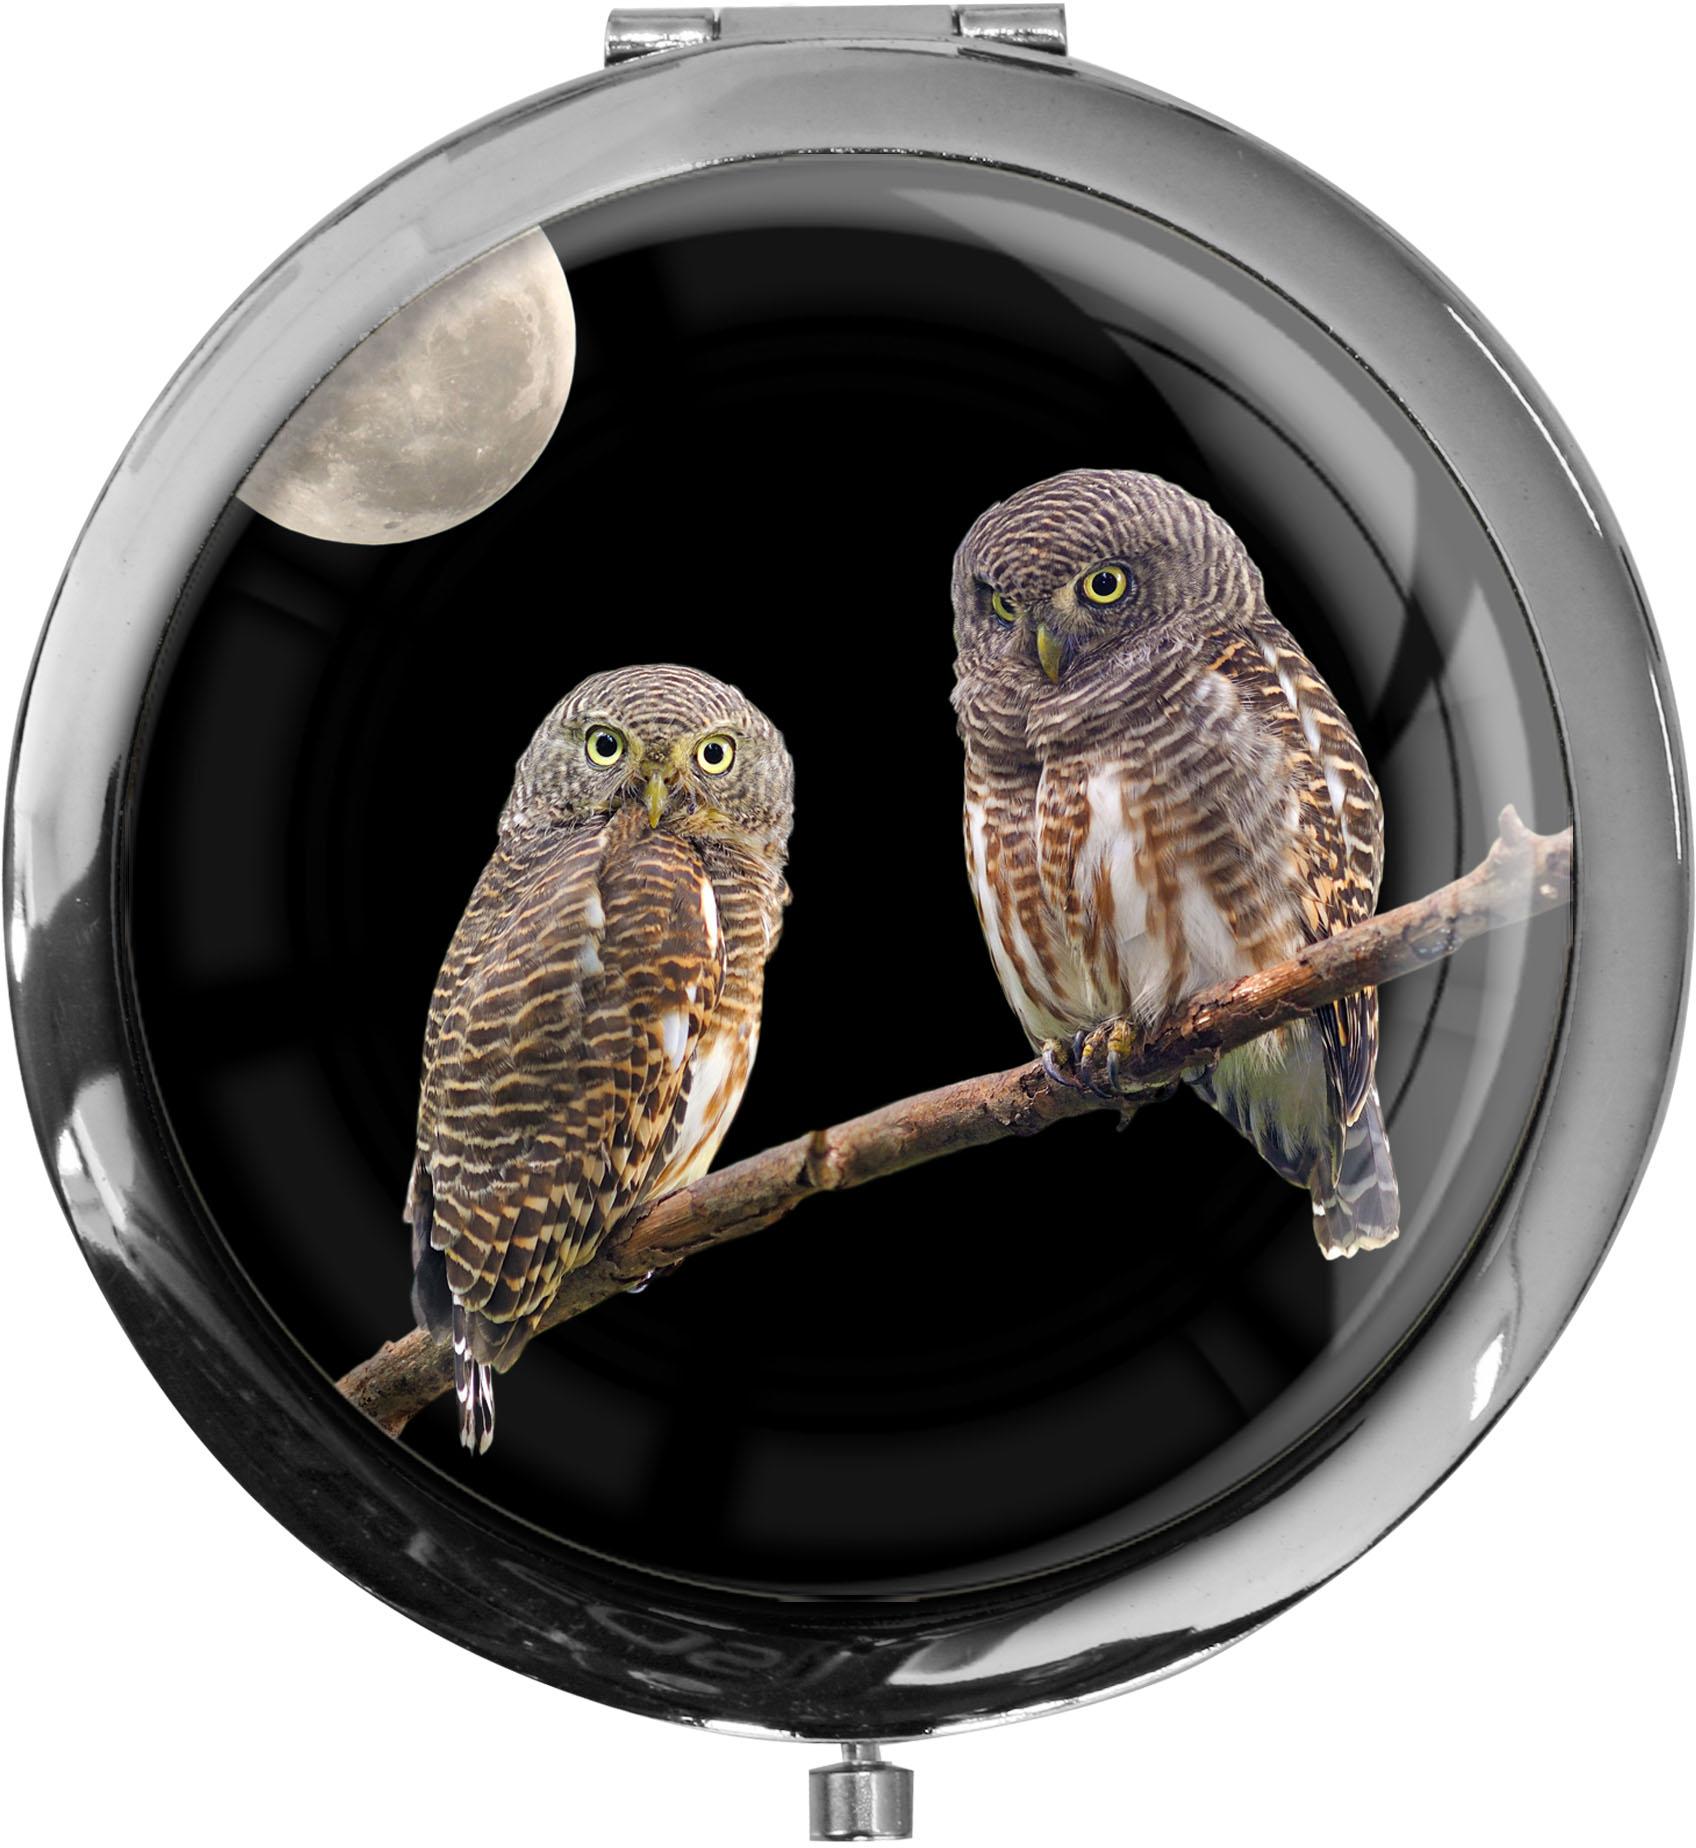 Taschenspiegel / Spiegel / Eulen / Raubtiere / Wildvögel